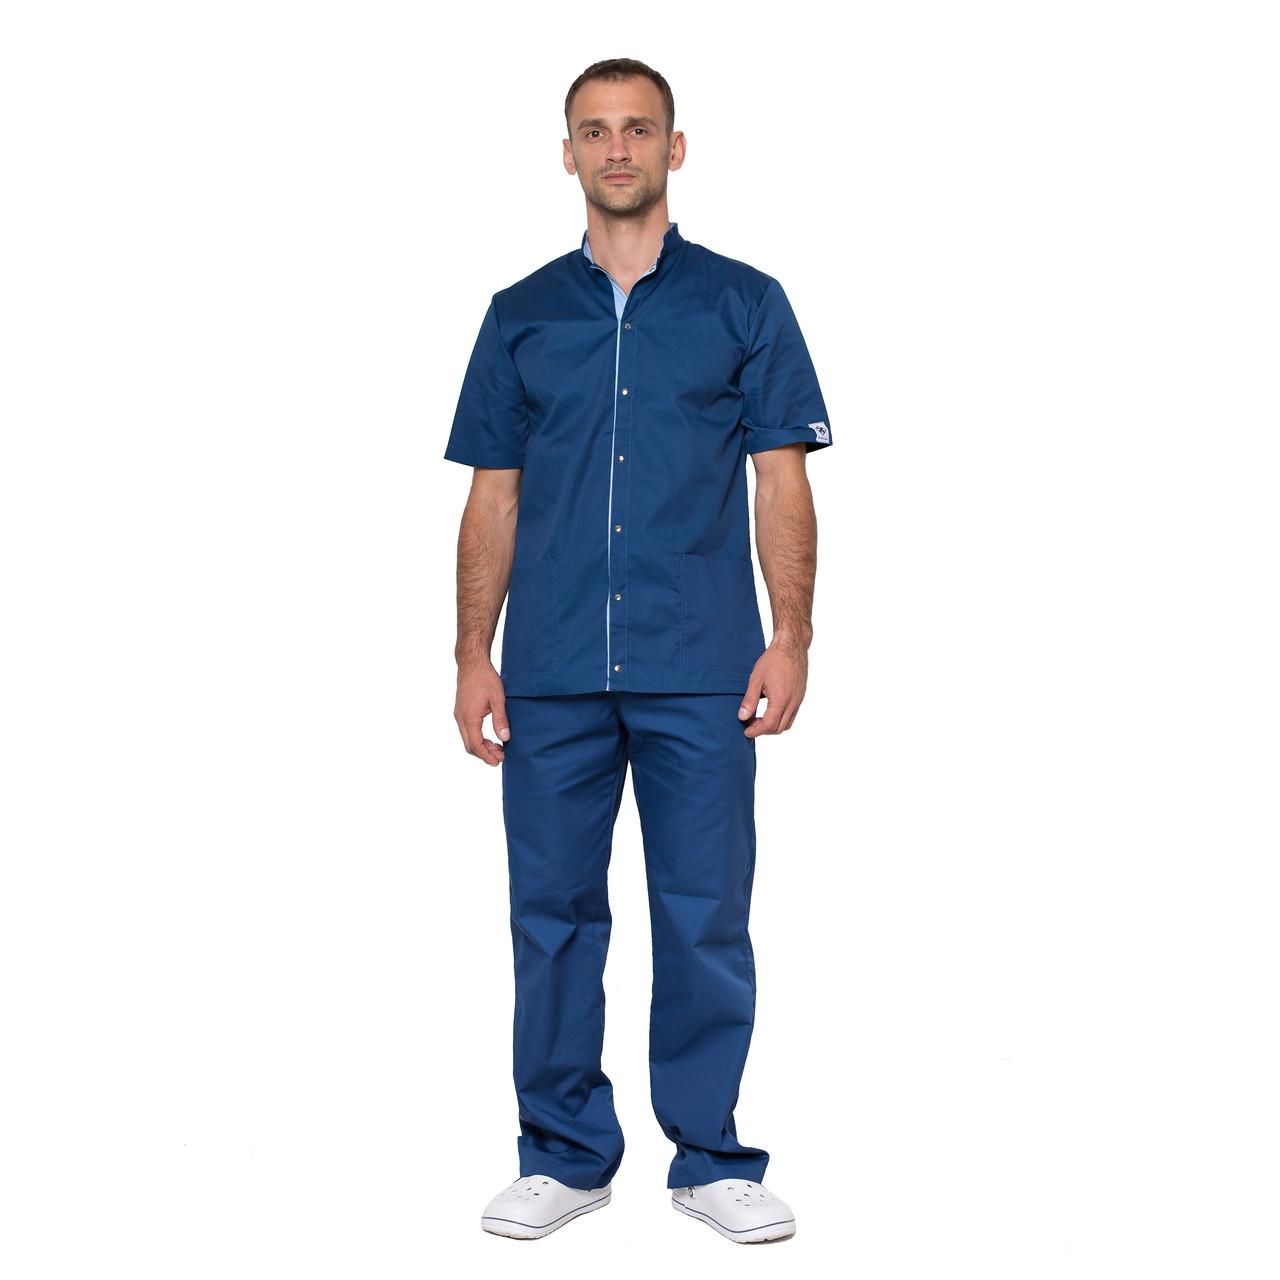 Медицинский костюм мужской Лондон синий-голубой